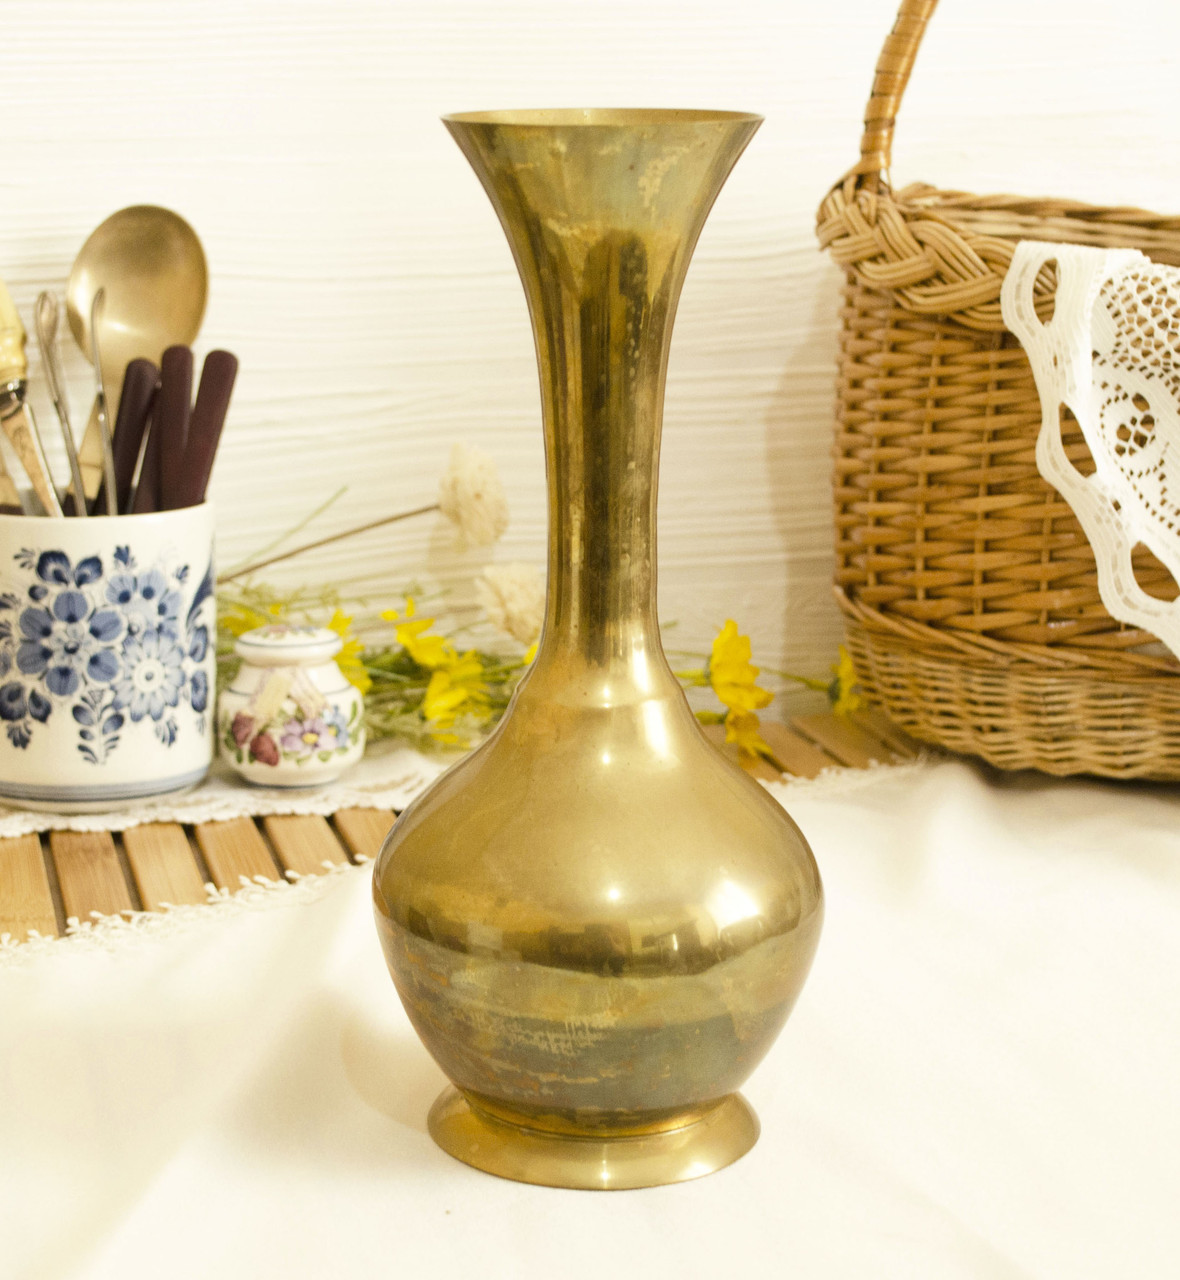 Велика індійська латунна ваза, бронза, латунь, Індія, 26 см